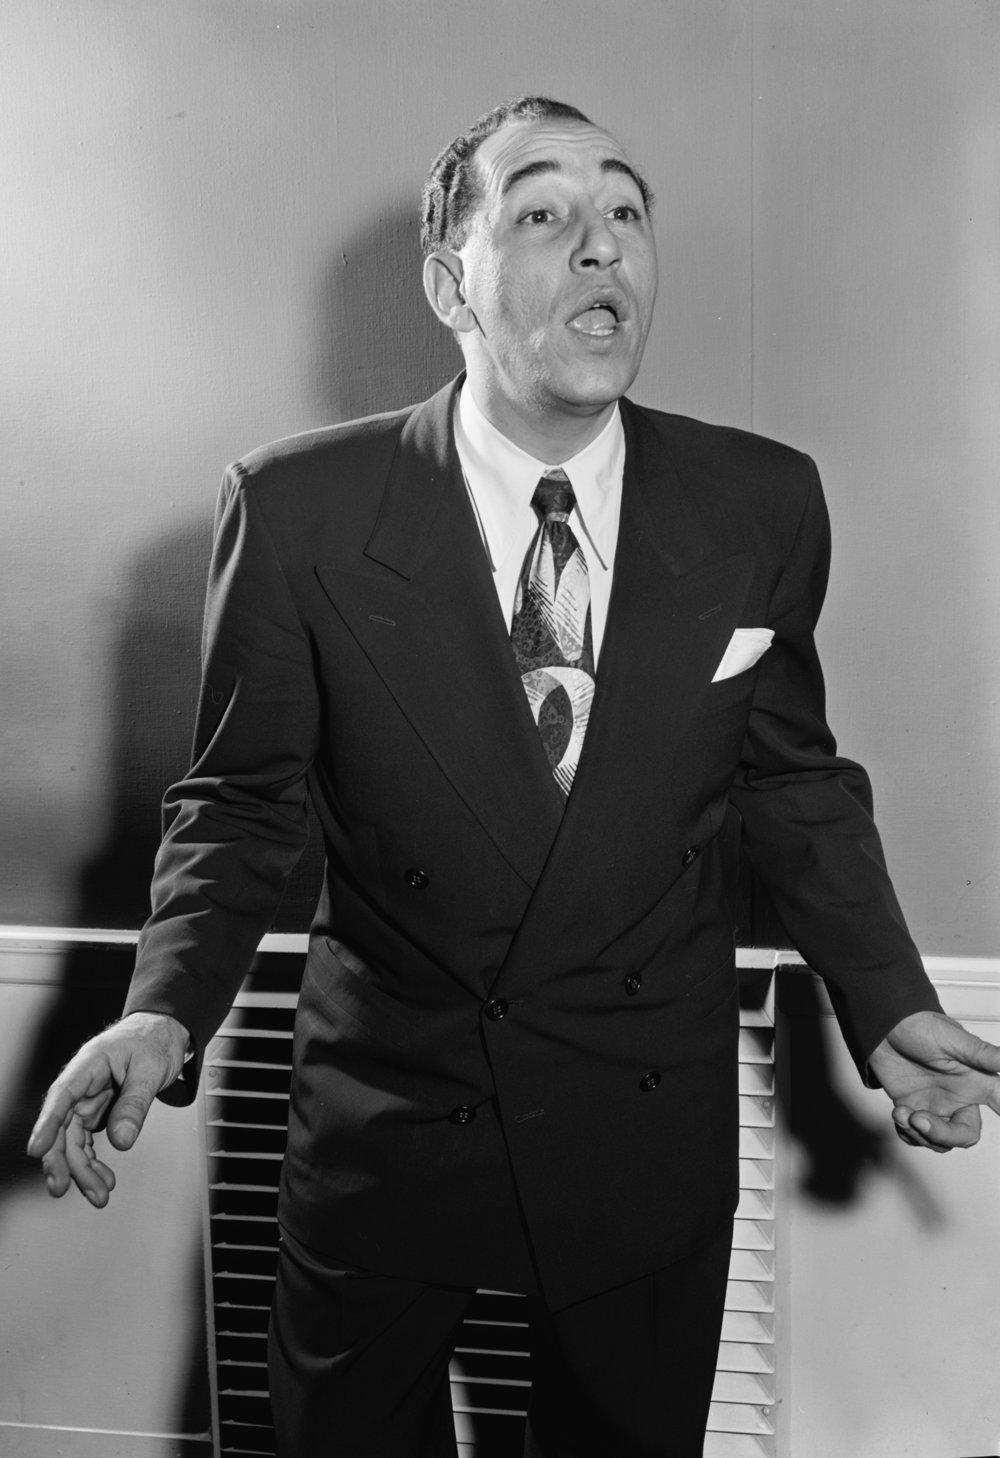 """Louis Prima - Einzig und allein ist es Louis Prima zu verdanken, dass die Roaring Zucchinis ins Leben gerufen worden.Louis Prima's Shows waren Highlights in Las Vegas und den Rest der USA - er stand fürTop Musik, Top Stimmung und Top Show.  Trotz Hits wie I Wanna Be Like You, Buona Sera und Angelina, ist Louis Prima nicht jedem ein Begriff. Doch wer den Namen kennt, weiß dass seine Musik für grenzenlosen Spaß und Swing in der Musikwelt der 50er und 60er Jahre steht, und das noch bis heute!Lust mal reinzuhören was die Roaring Zucchinis alles spielen?If It weren't for Louis Prima the Roaring Zucchinis would not exist today.Top music, top atmosphere and top shows are all synonyms for this great musician and singer. Despite hits like """"I Wanna Be Like You, Buona Sera and Angelina, not everybody has heard of Louis Prima. Those of you who have heard of him, know that his music represents fun and swing in the music world of the 50s and 60s, up until today!"""